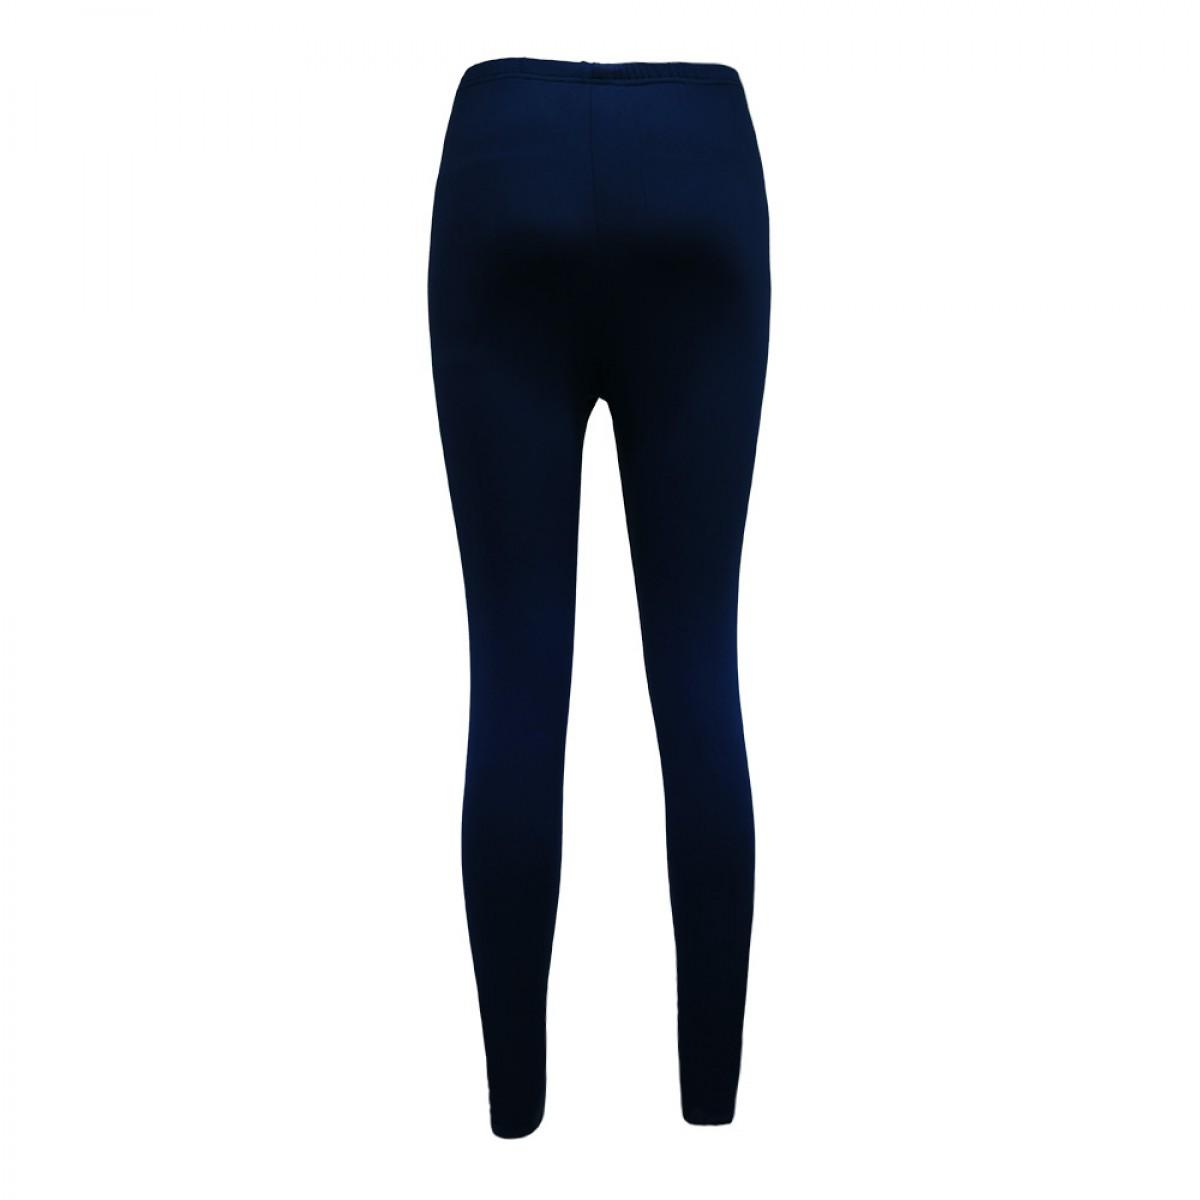 women-knitted-leggings-kkl16935-5b